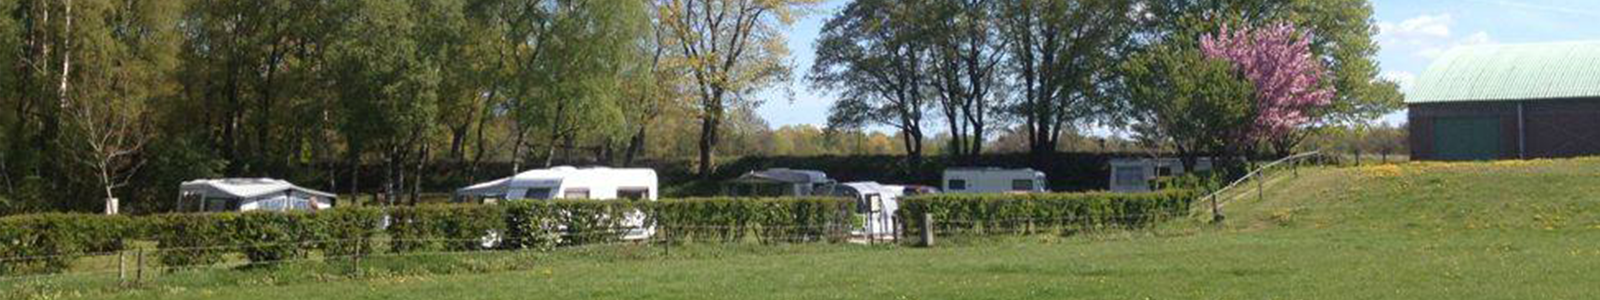 beukenhof-camping